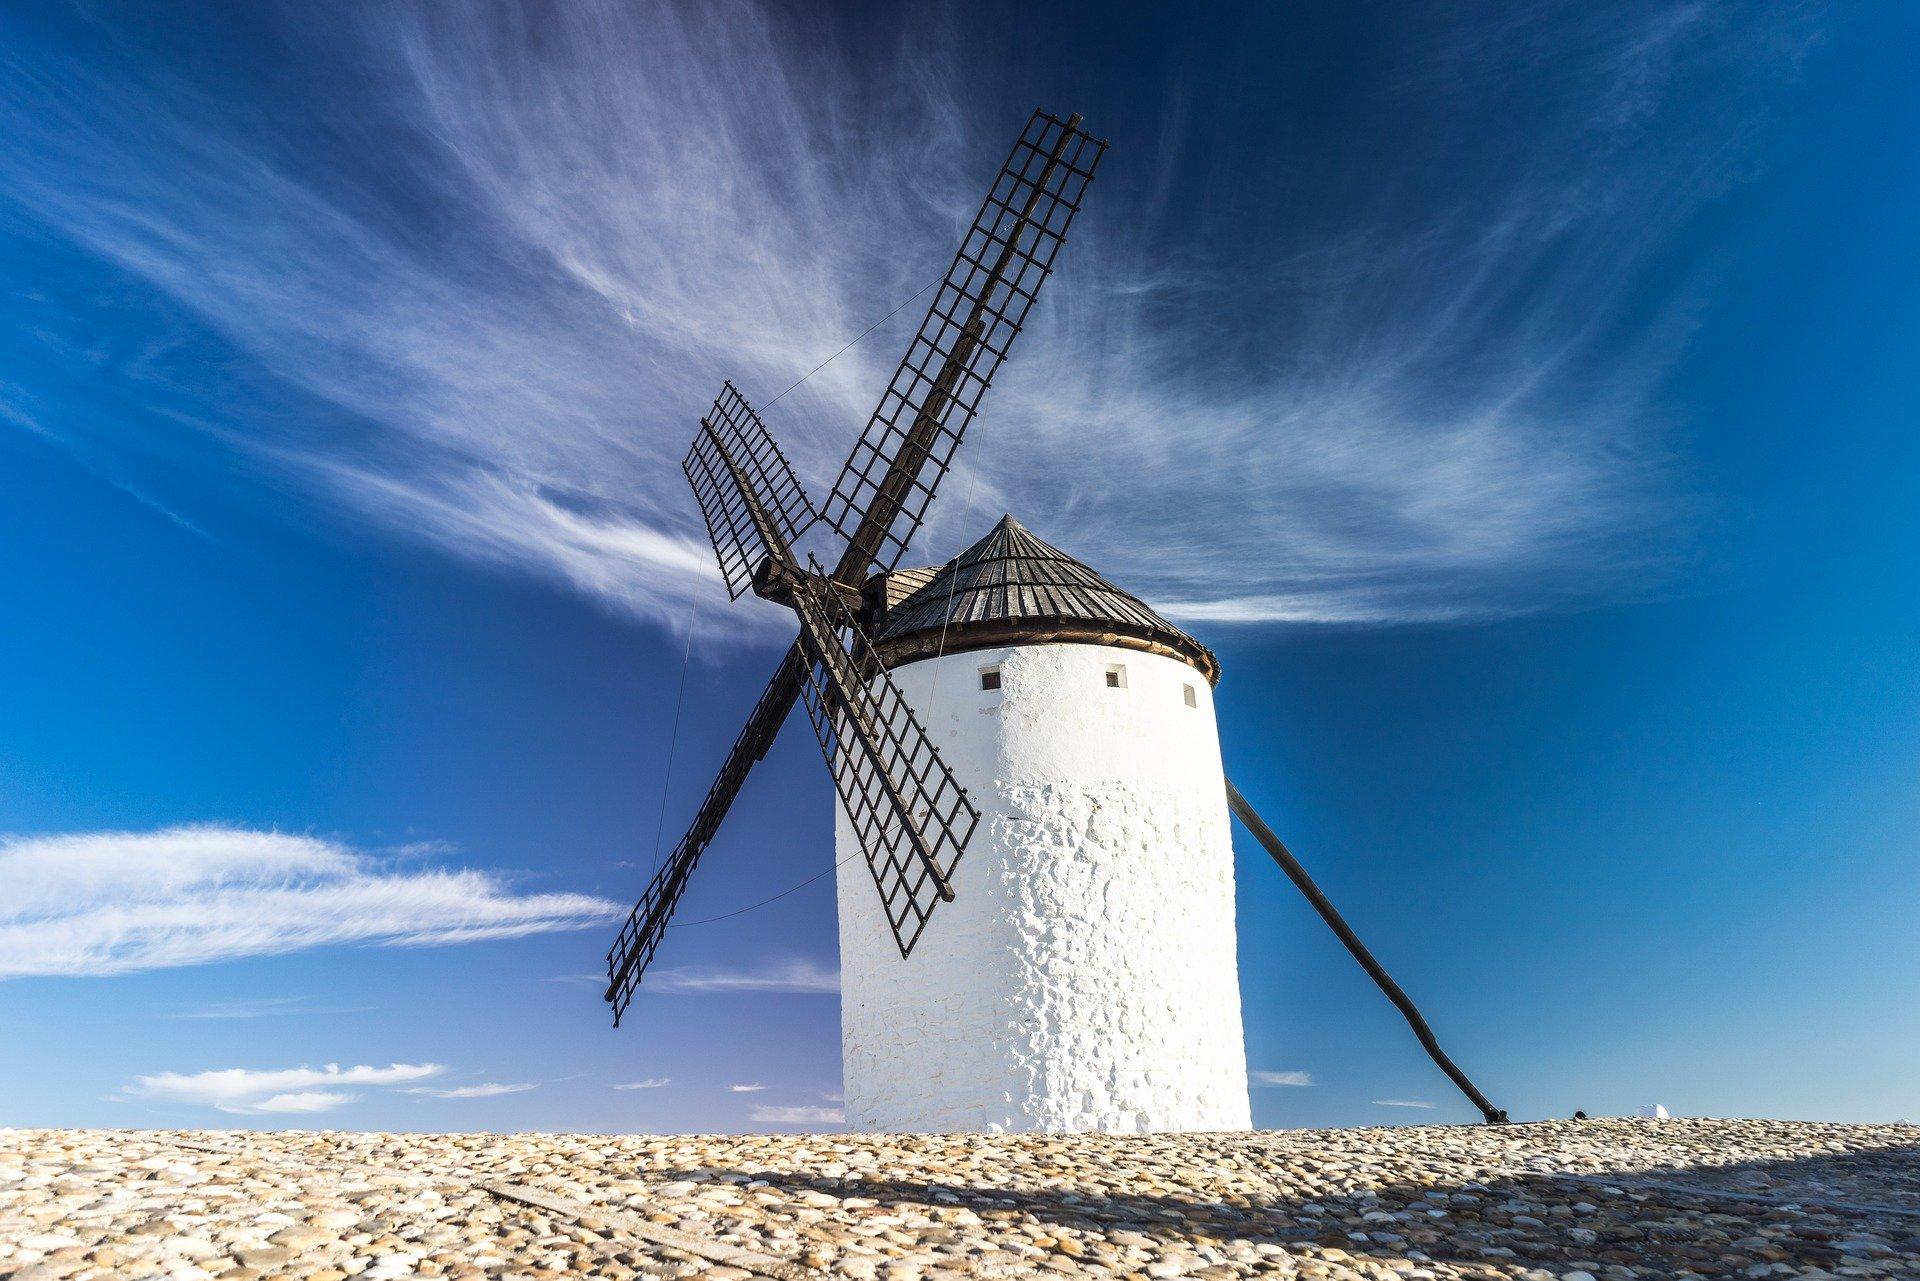 Las marcas de calidad de Calidad de Castilla – La Mancha. En un lugar de tu vida